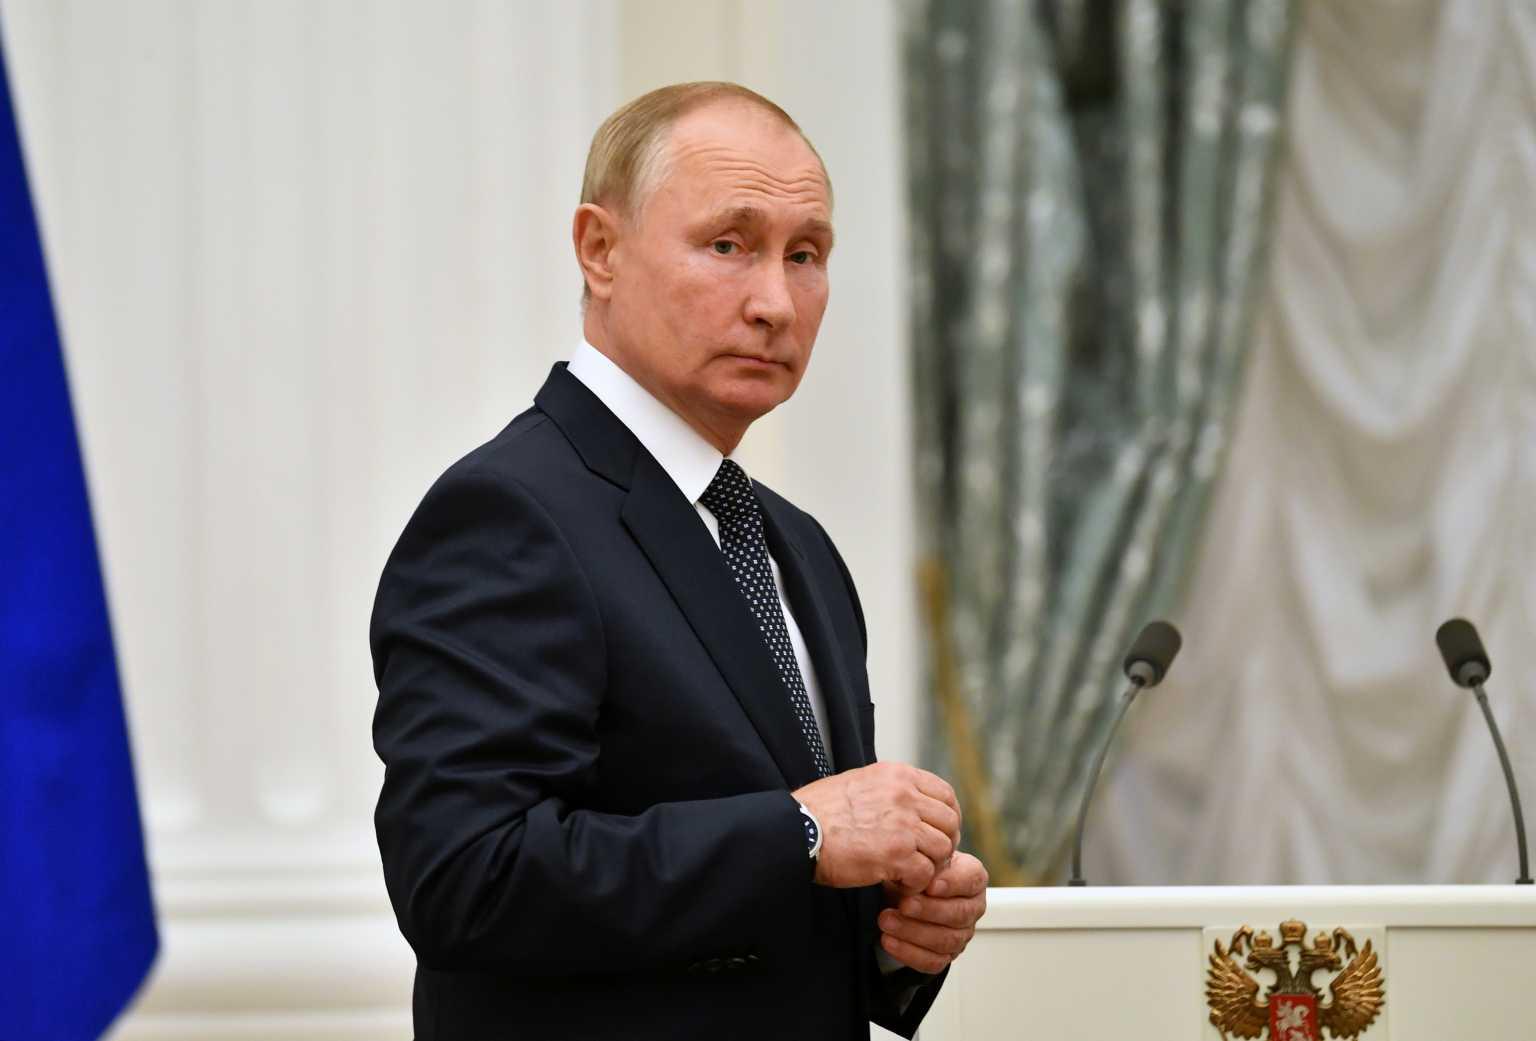 Χωρίς τον Βλαντίμιρ Πούτιν η παγκόσμια διάσκεψη του ΟΗΕ για το κλίμα